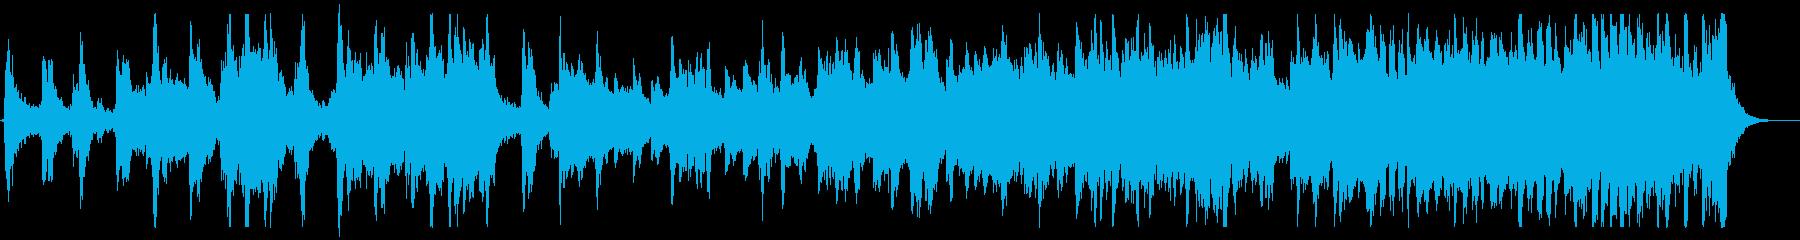 躍動感あるアドベンチャー音楽の再生済みの波形